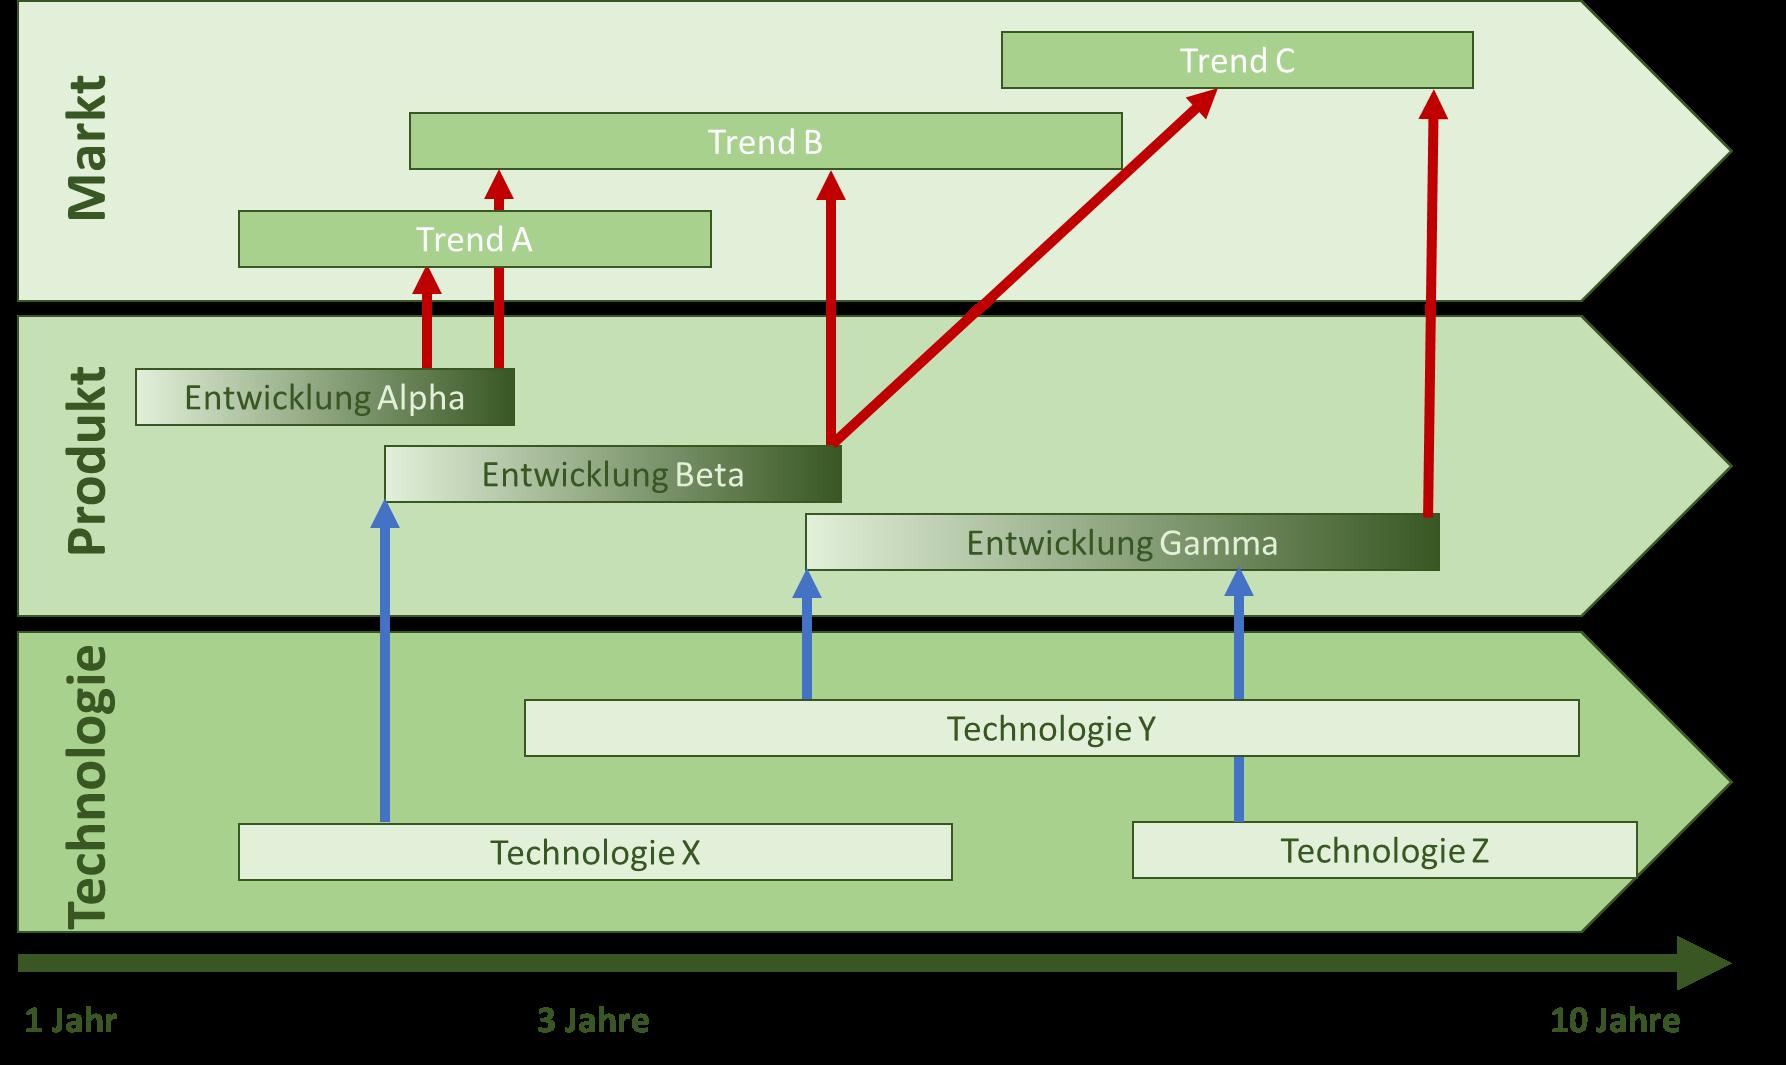 Erstellung einer Roadmap